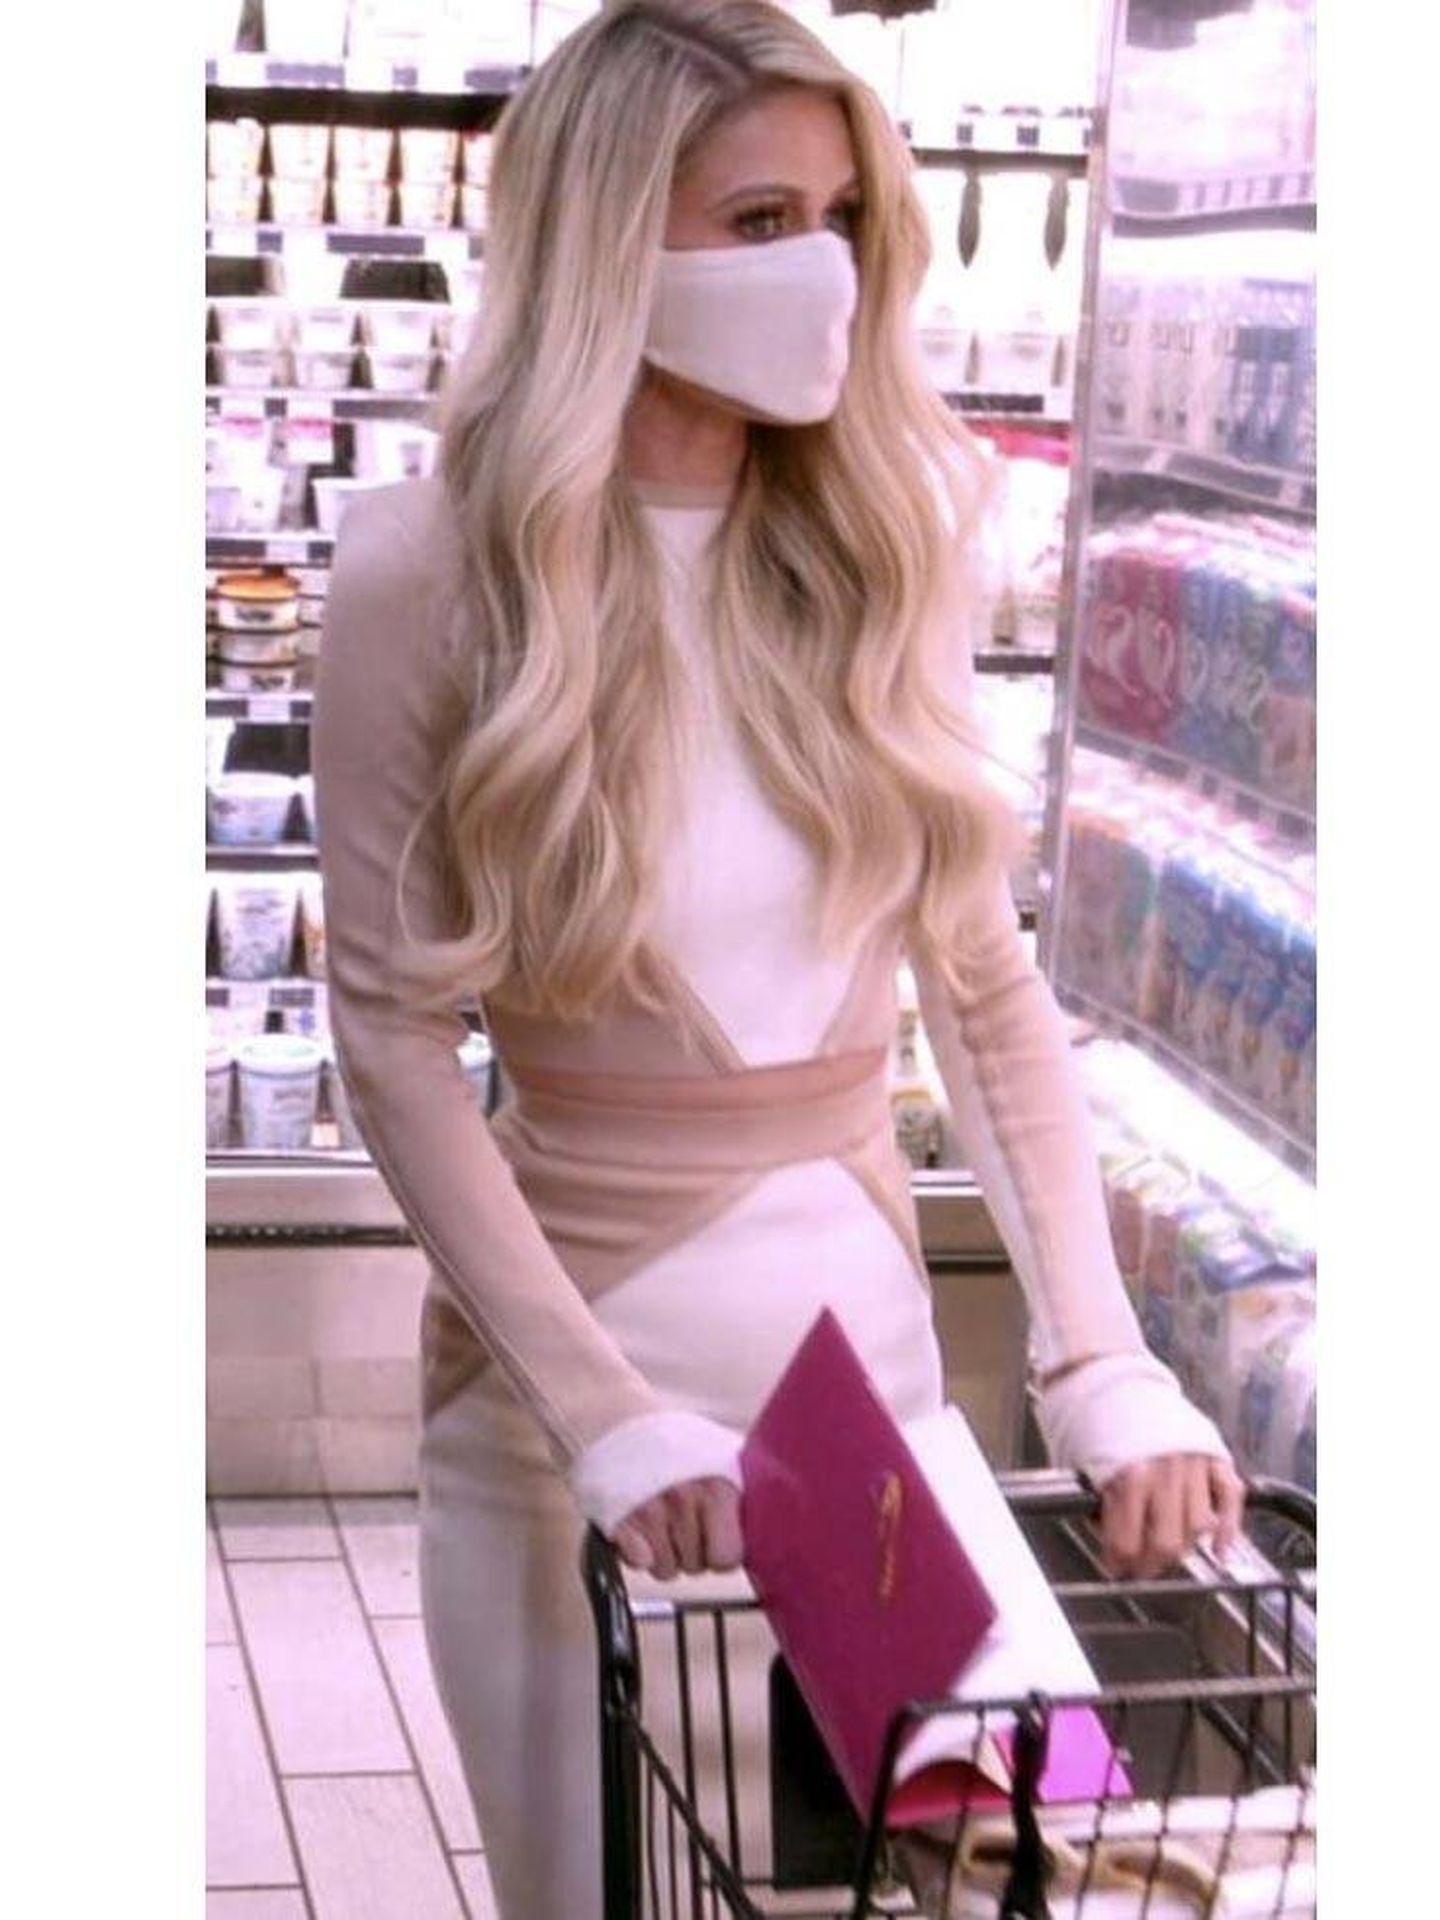 Paris Hilton en el supermercado. (Imagen: Netflix)